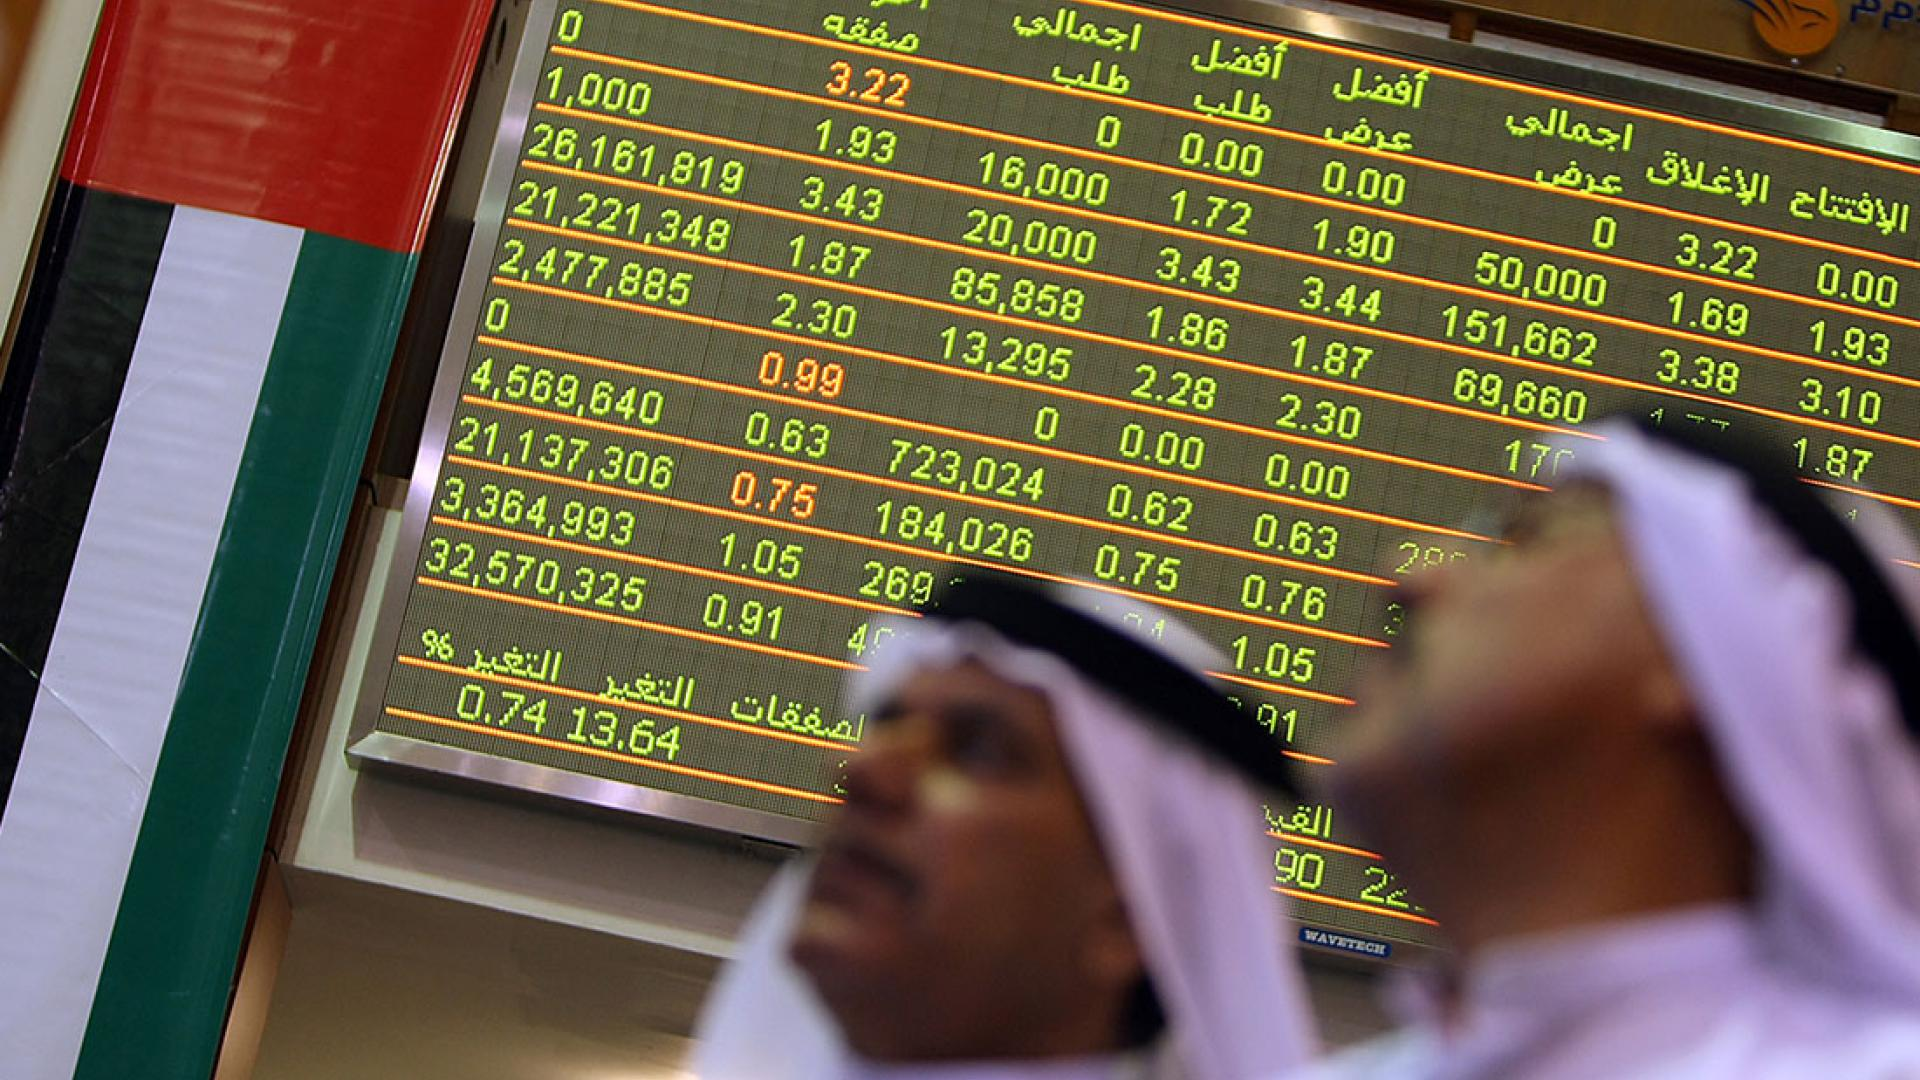 مؤشر أبو ظبي العام أصبح يواصل الانحدار وبات أسوأ أسواق الأسهم العالمية